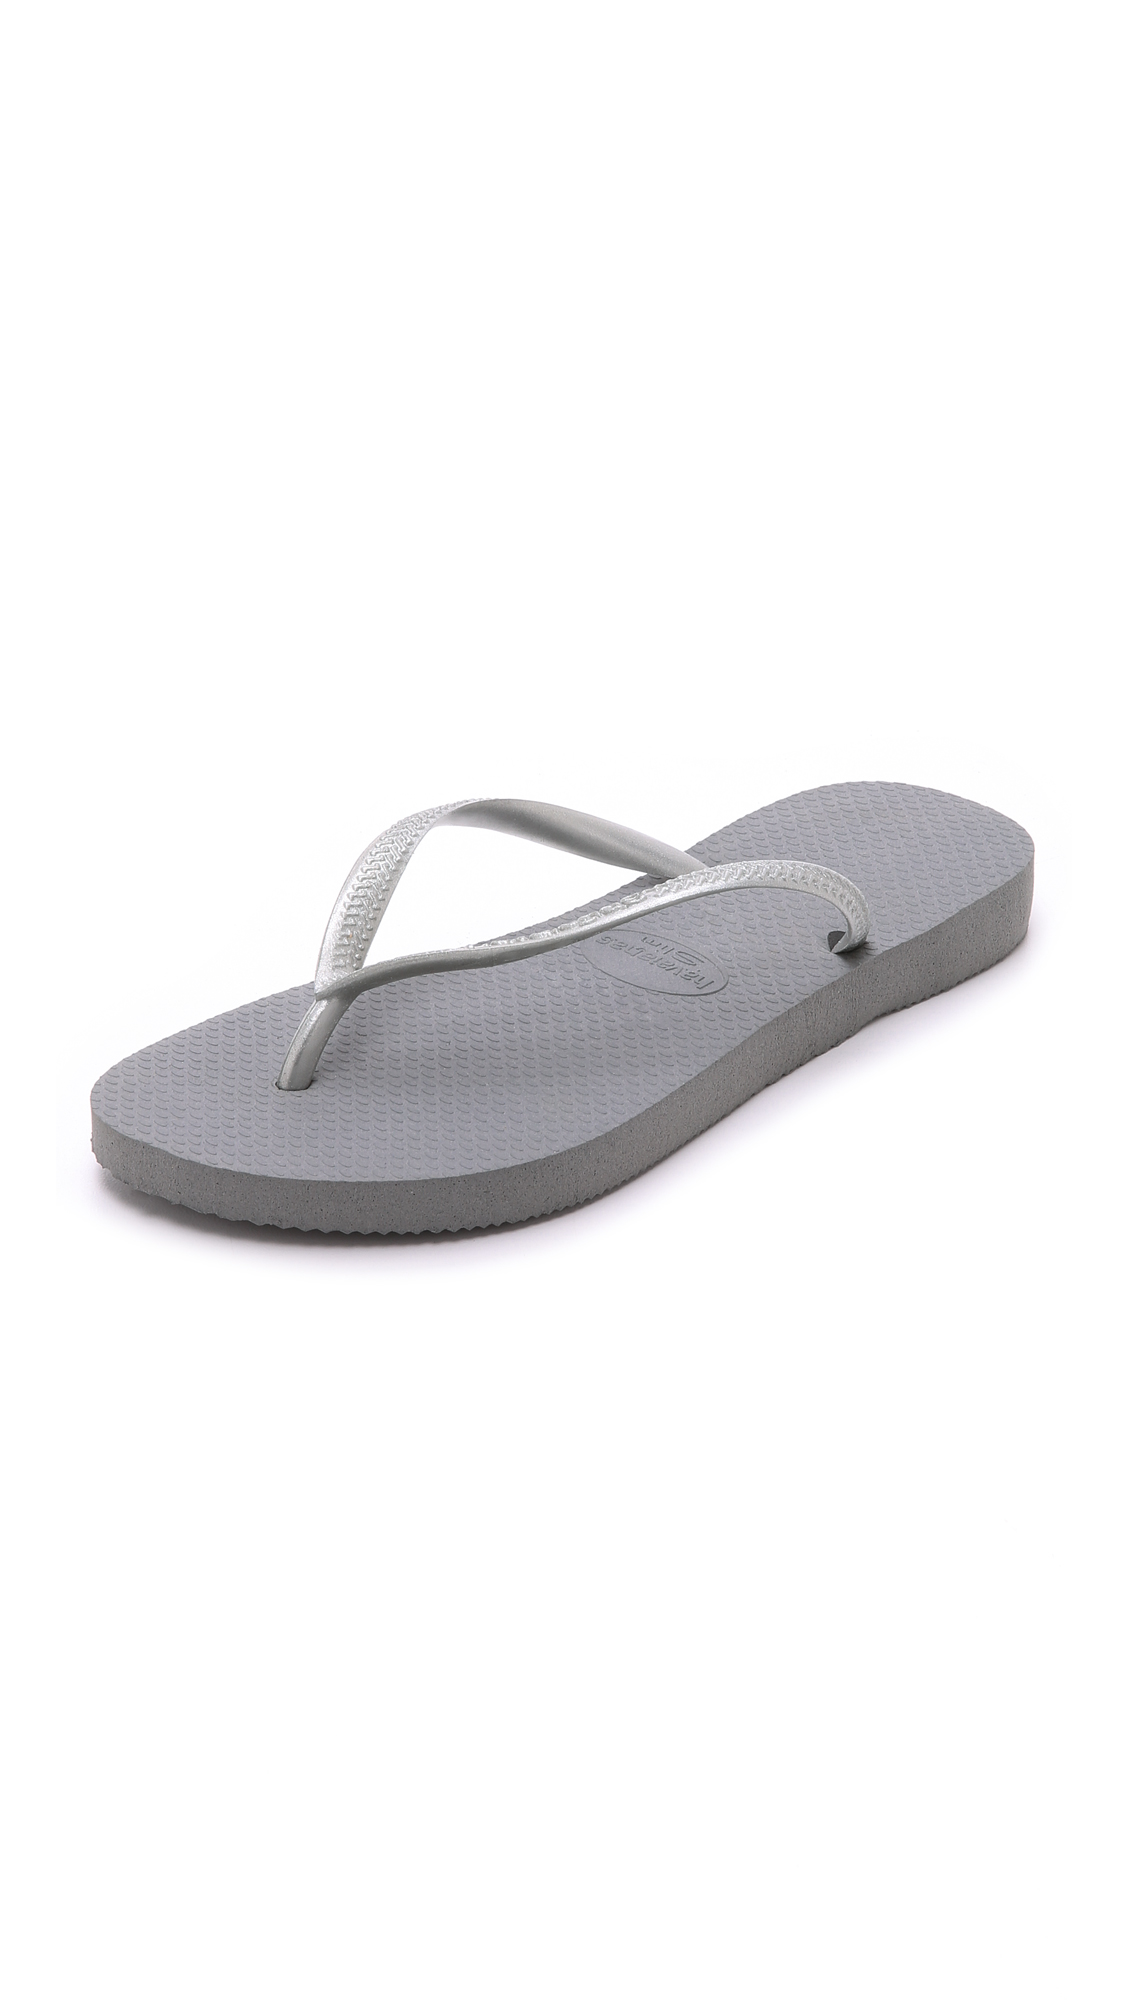 Havaianas Slim Flip Flops - Grey/Silver at Shopbop